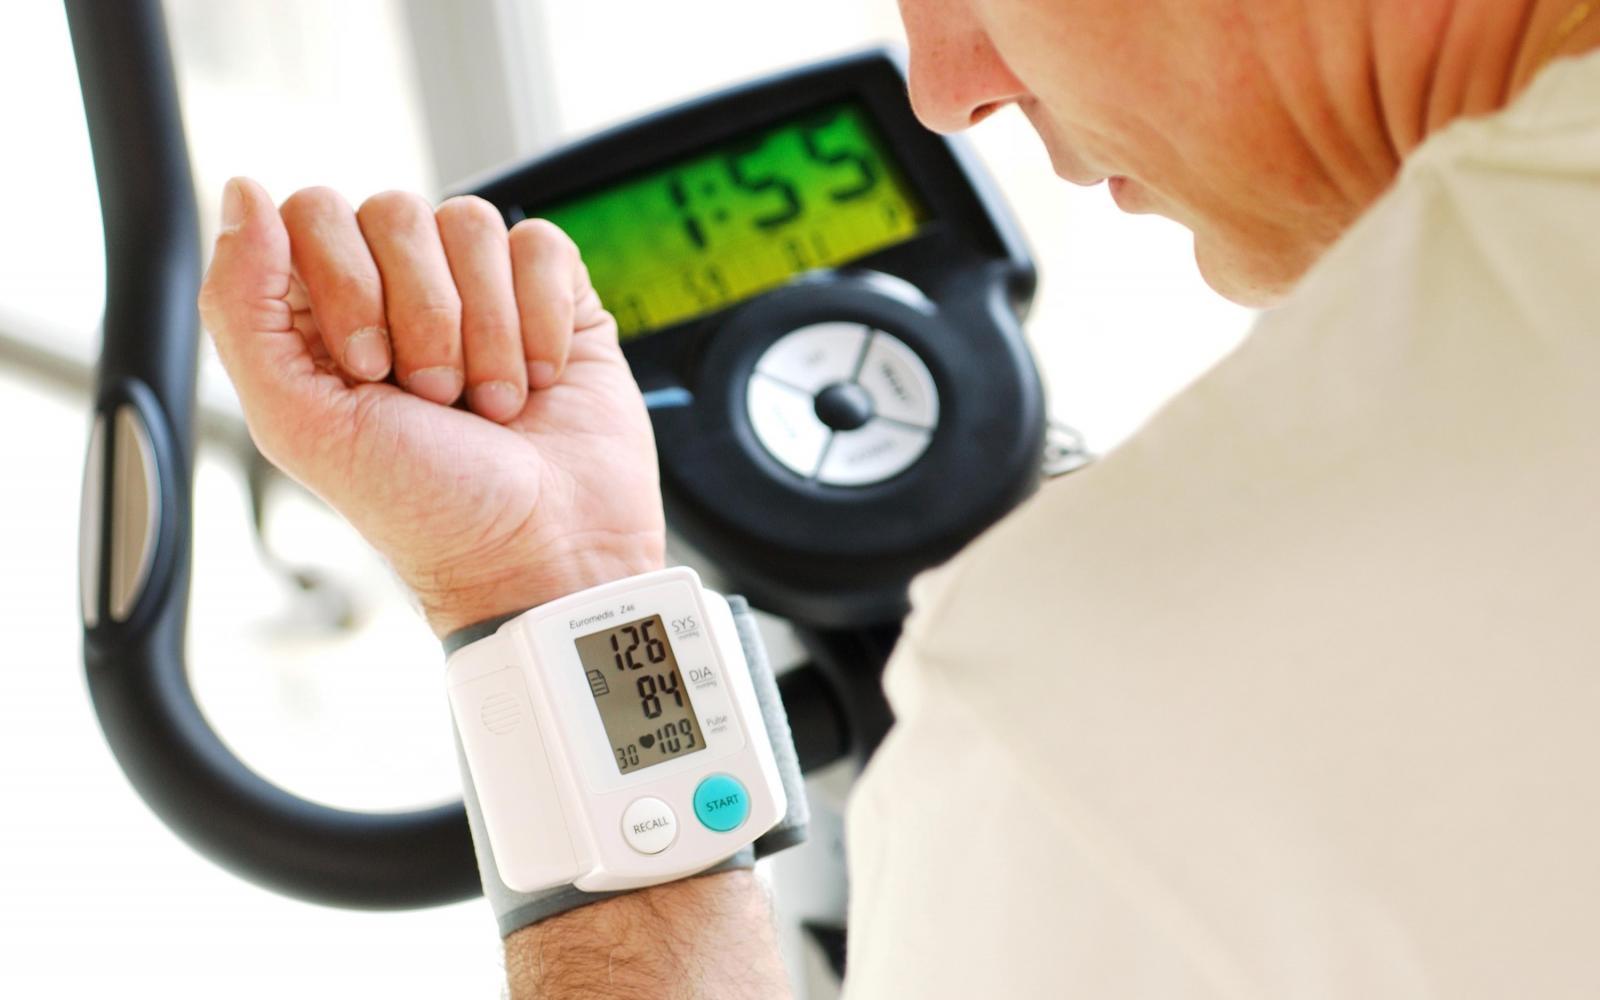 hogyan lehet segíteni a magas vérnyomásban)